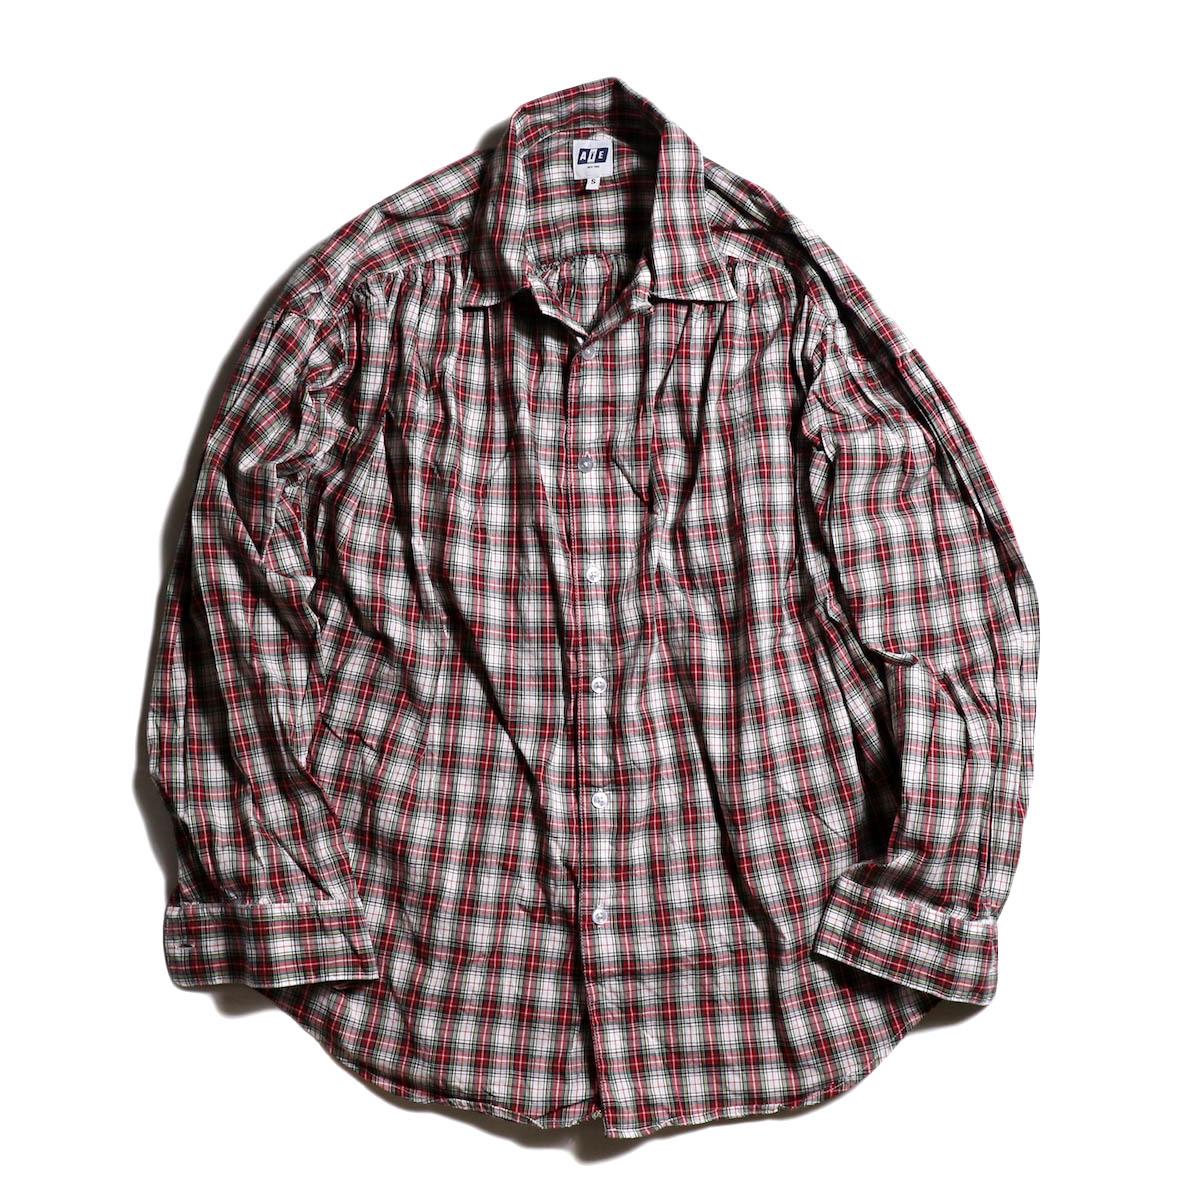 AiE / Painter Shirt -Tartan Check -Red/Wht